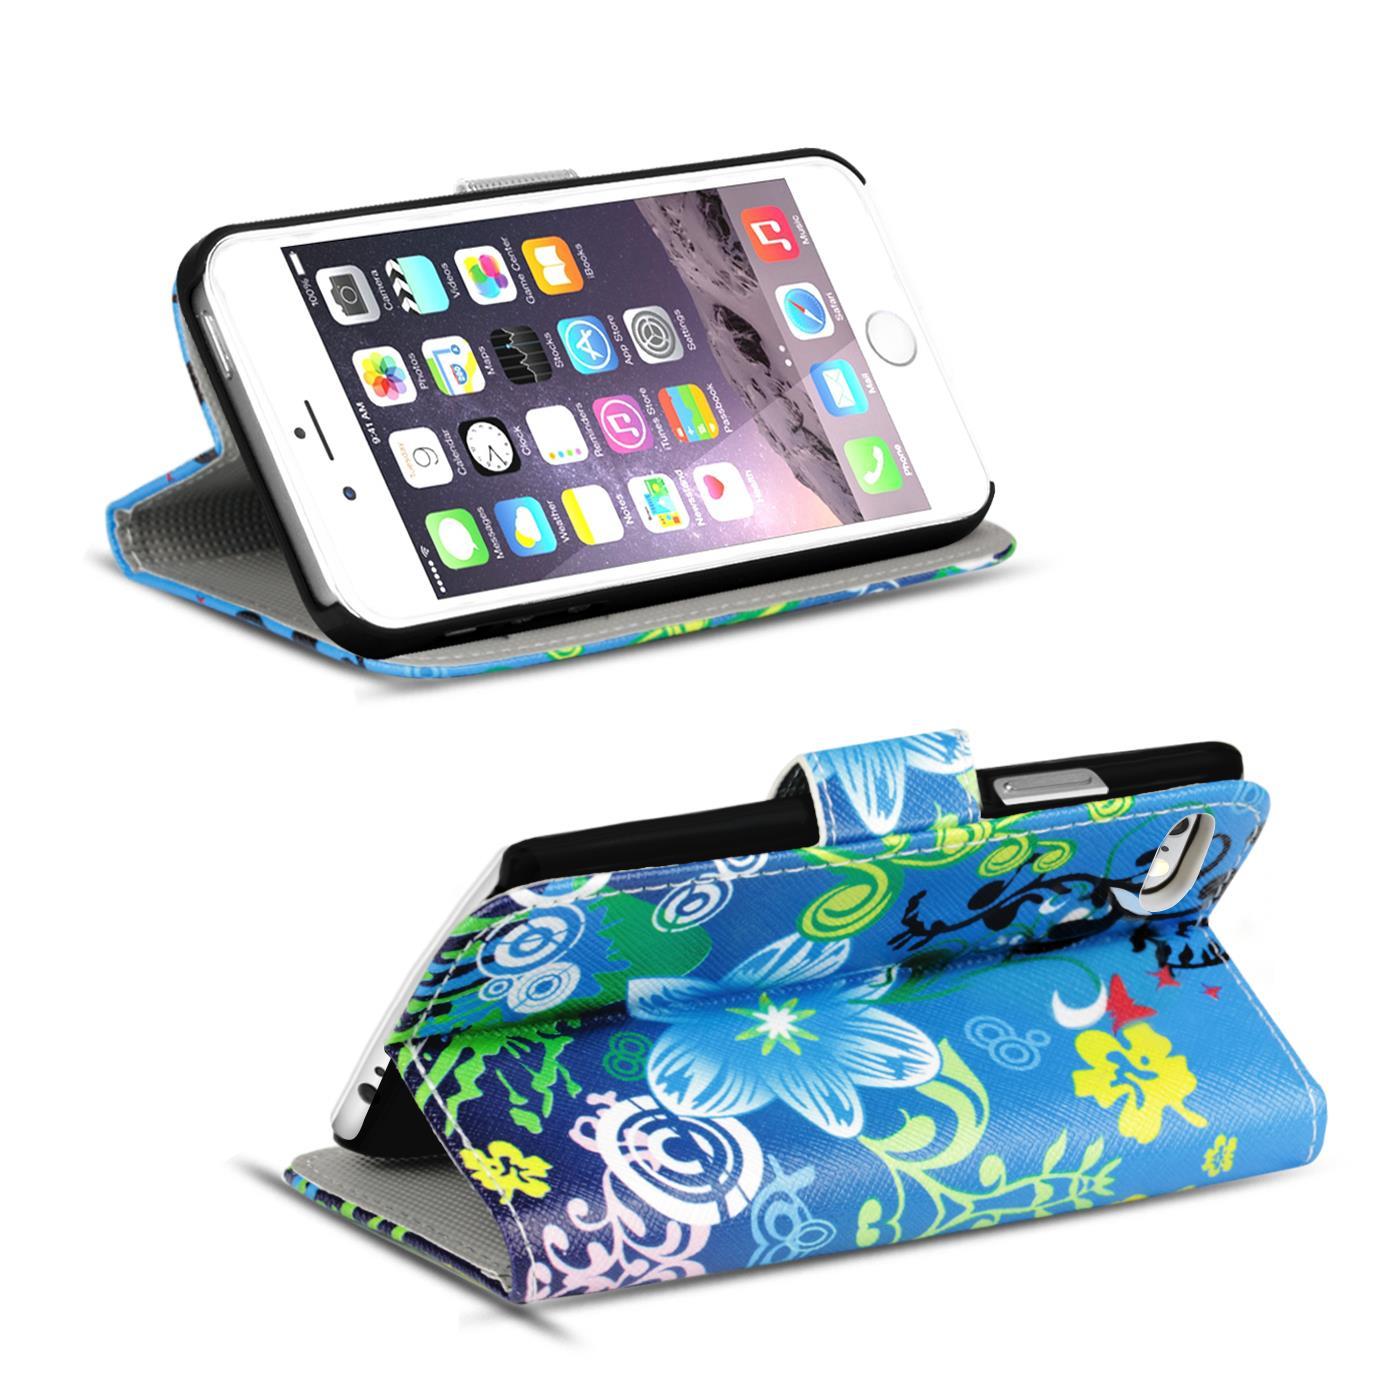 Handy-Huelle-Apple-iPhone-8-Plus-Flip-Cover-Case-Schutz-Tasche-Etui-Motiv-Wallet Indexbild 45